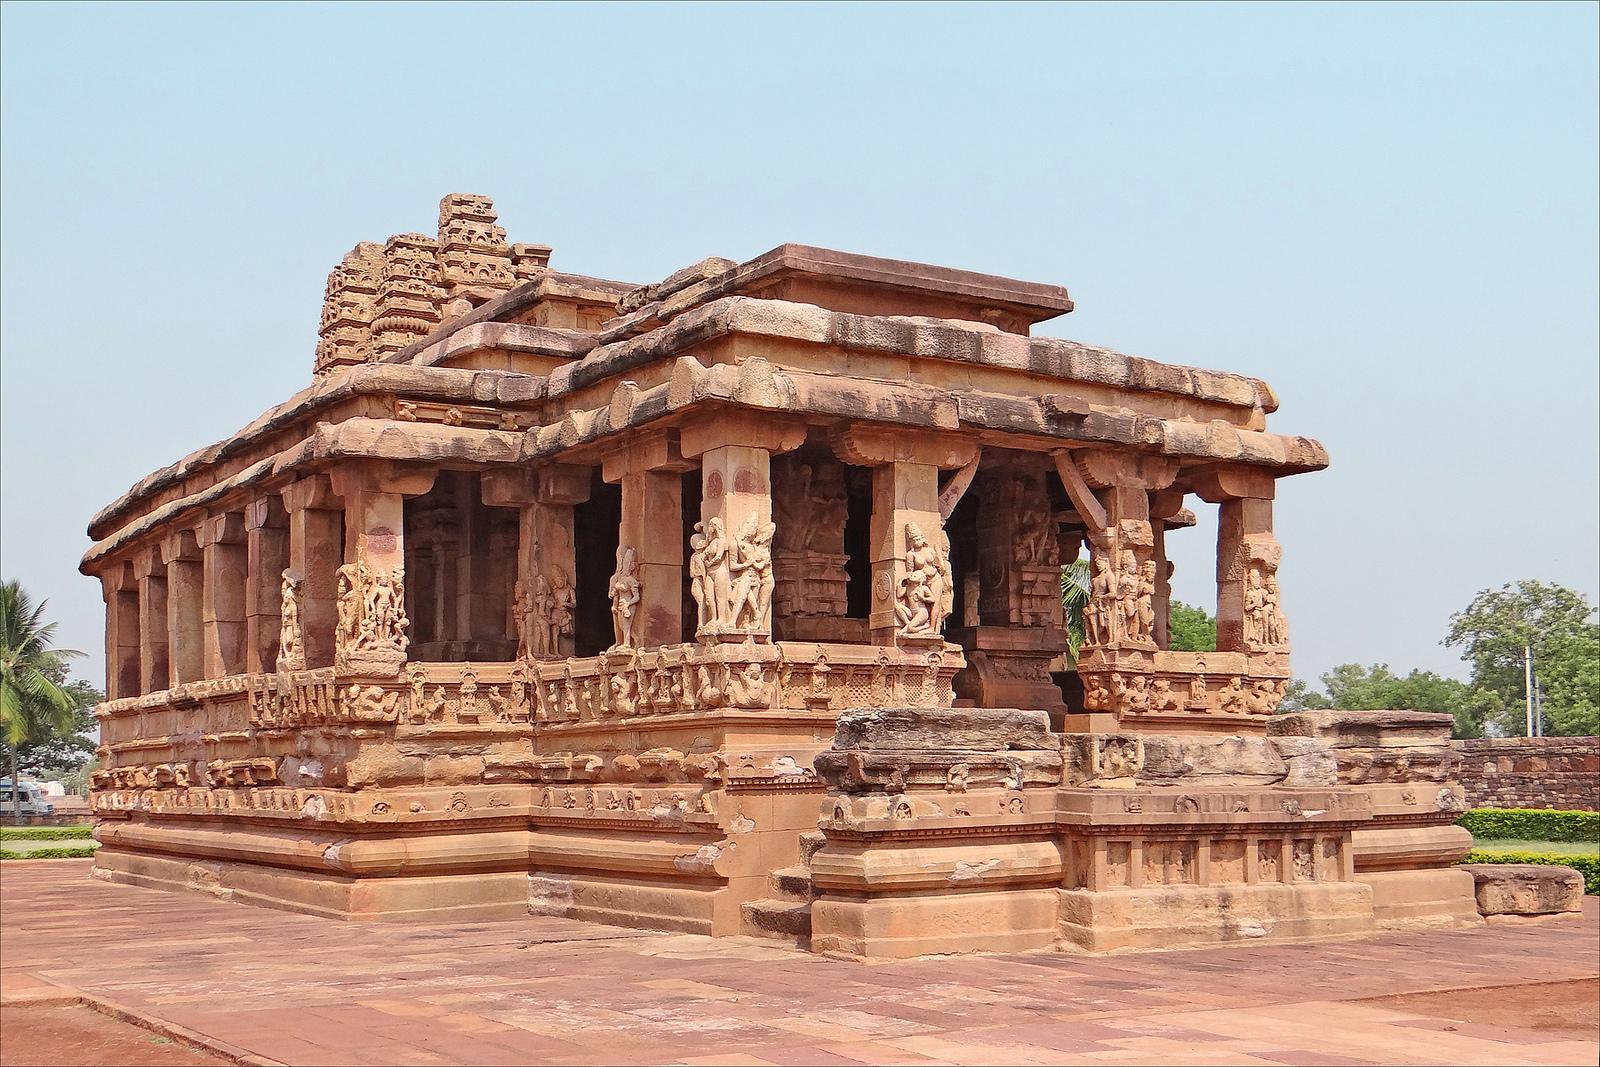 Вид храма Дурга с восточной стороны, Айхоле, Карнатака